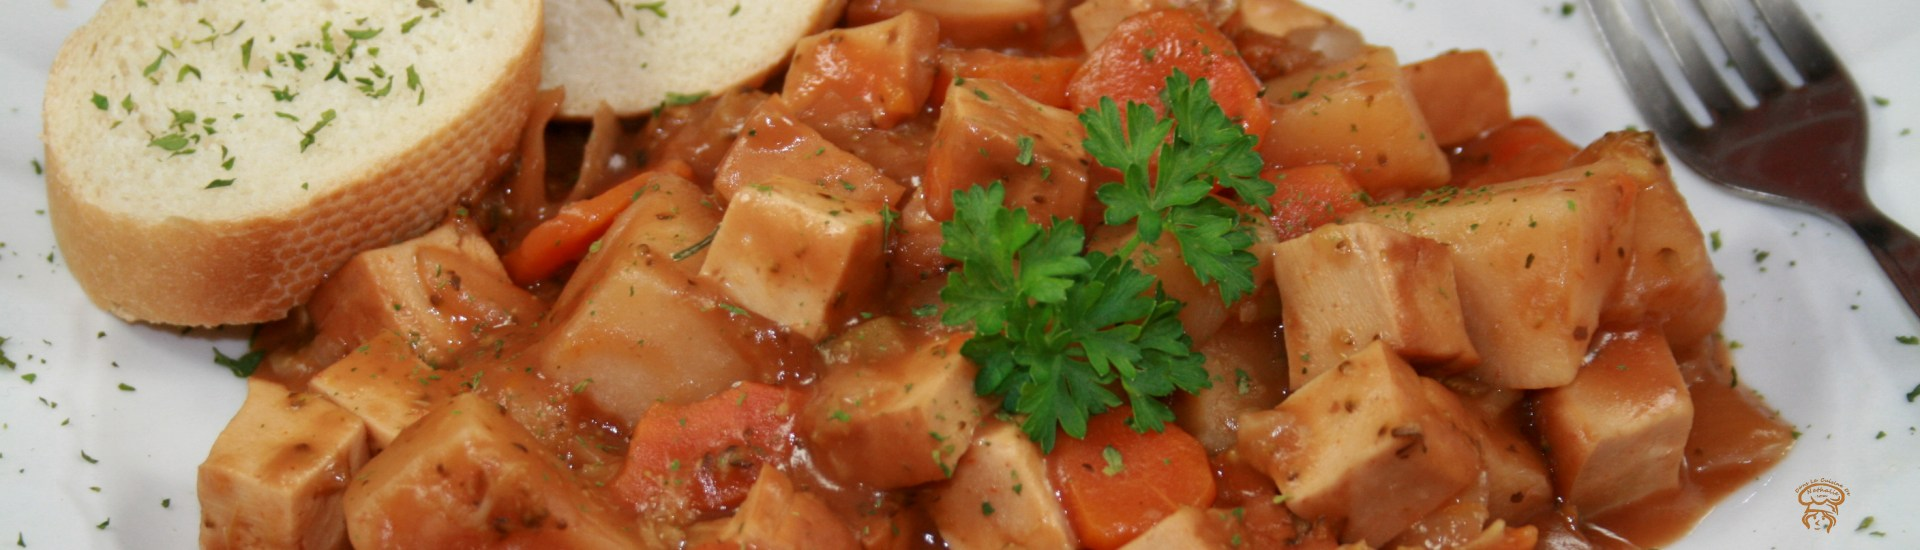 Ragoût de tofu fumé à la mijoteuse